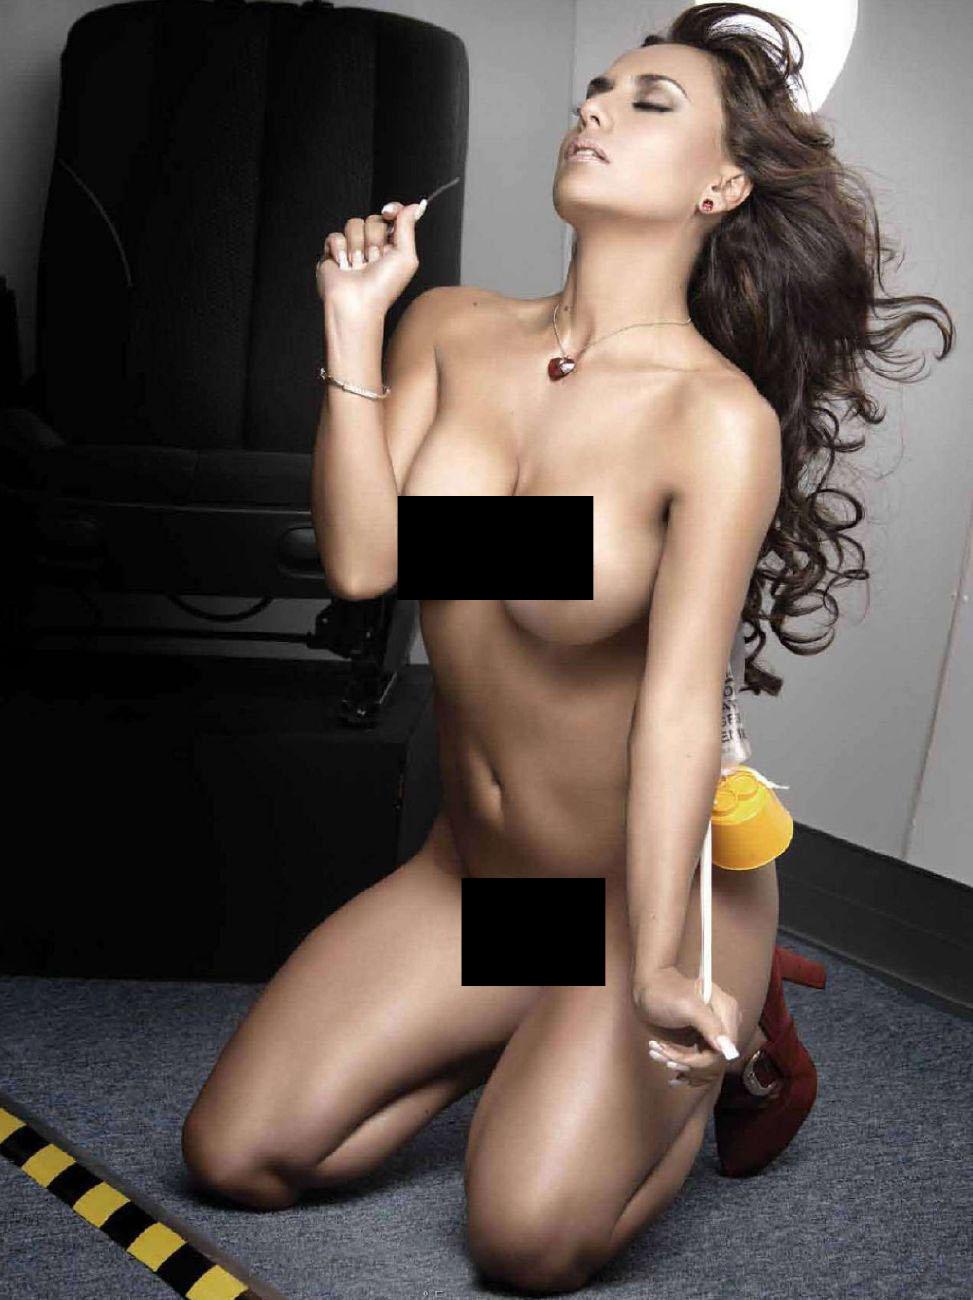 Порно видео красивая мексиканка — pic 14